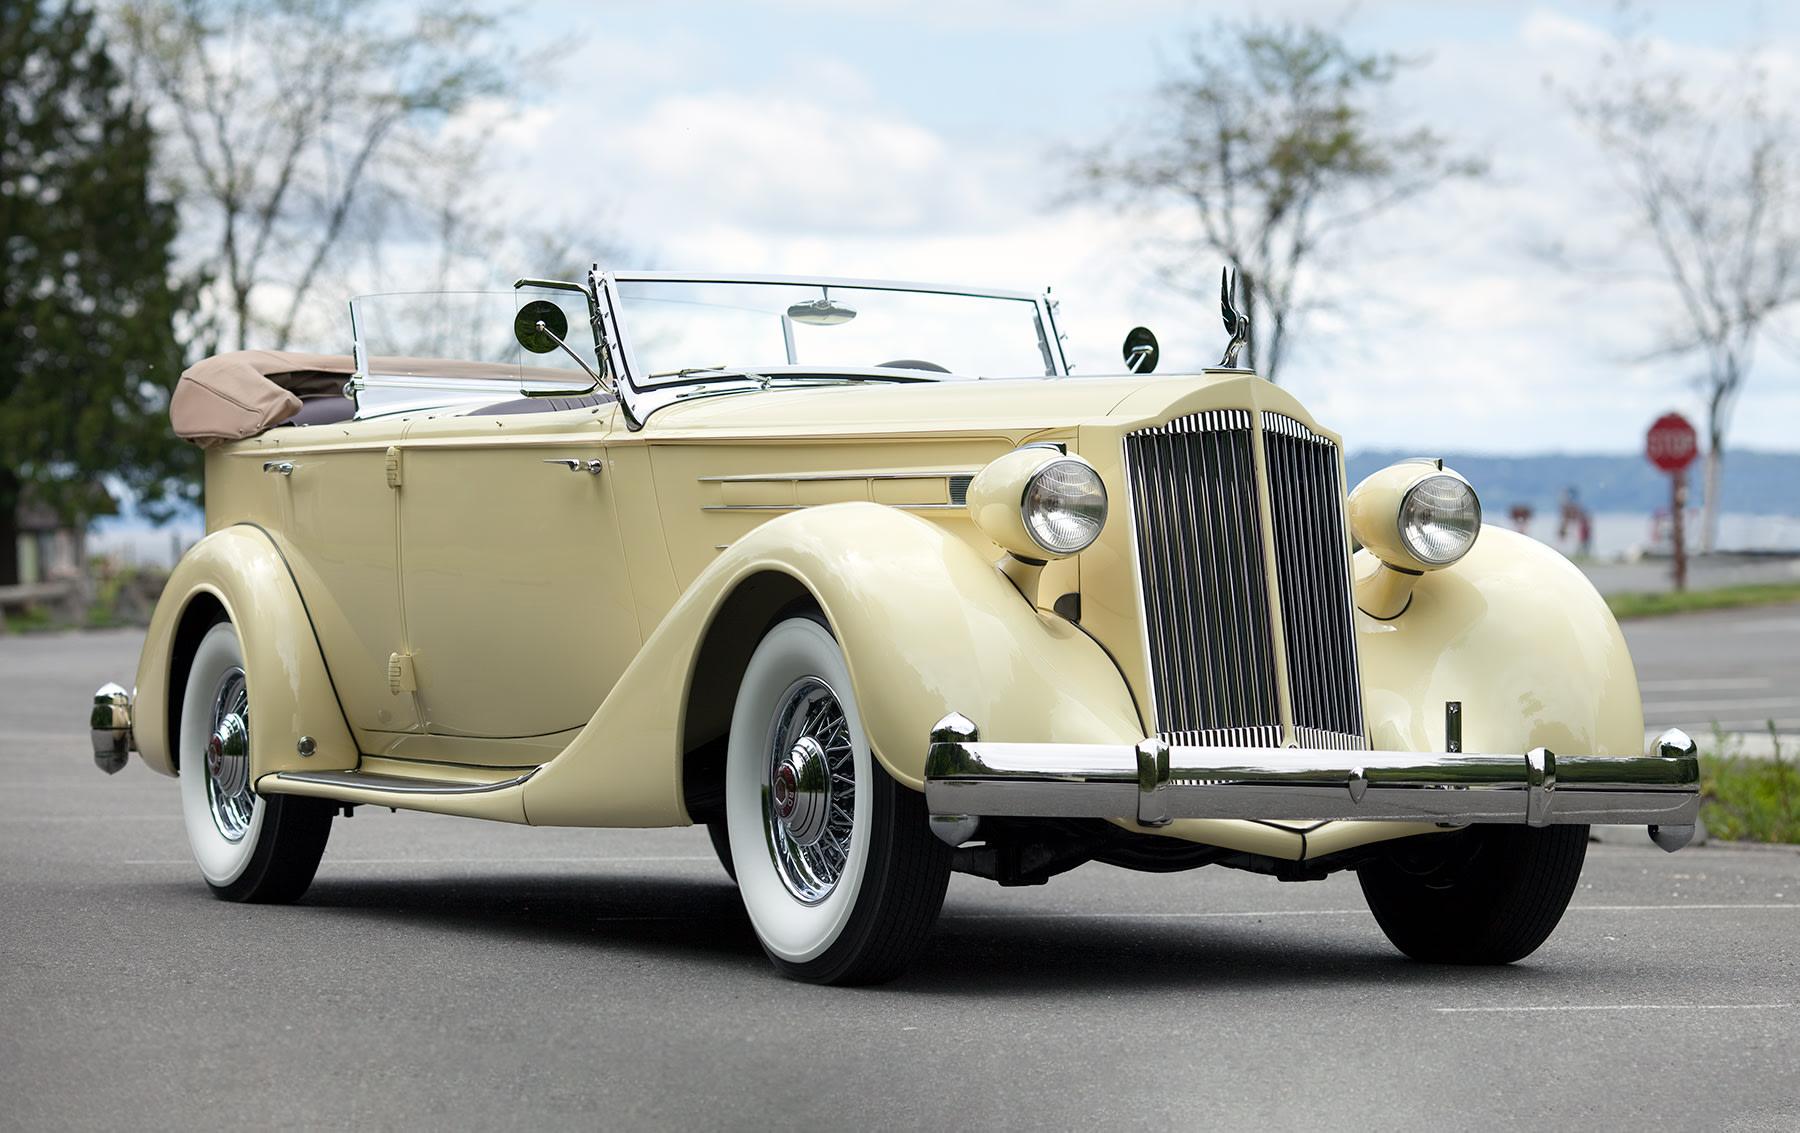 1936 Packard Twelve Dual Cowl Model 1407 Phaeton